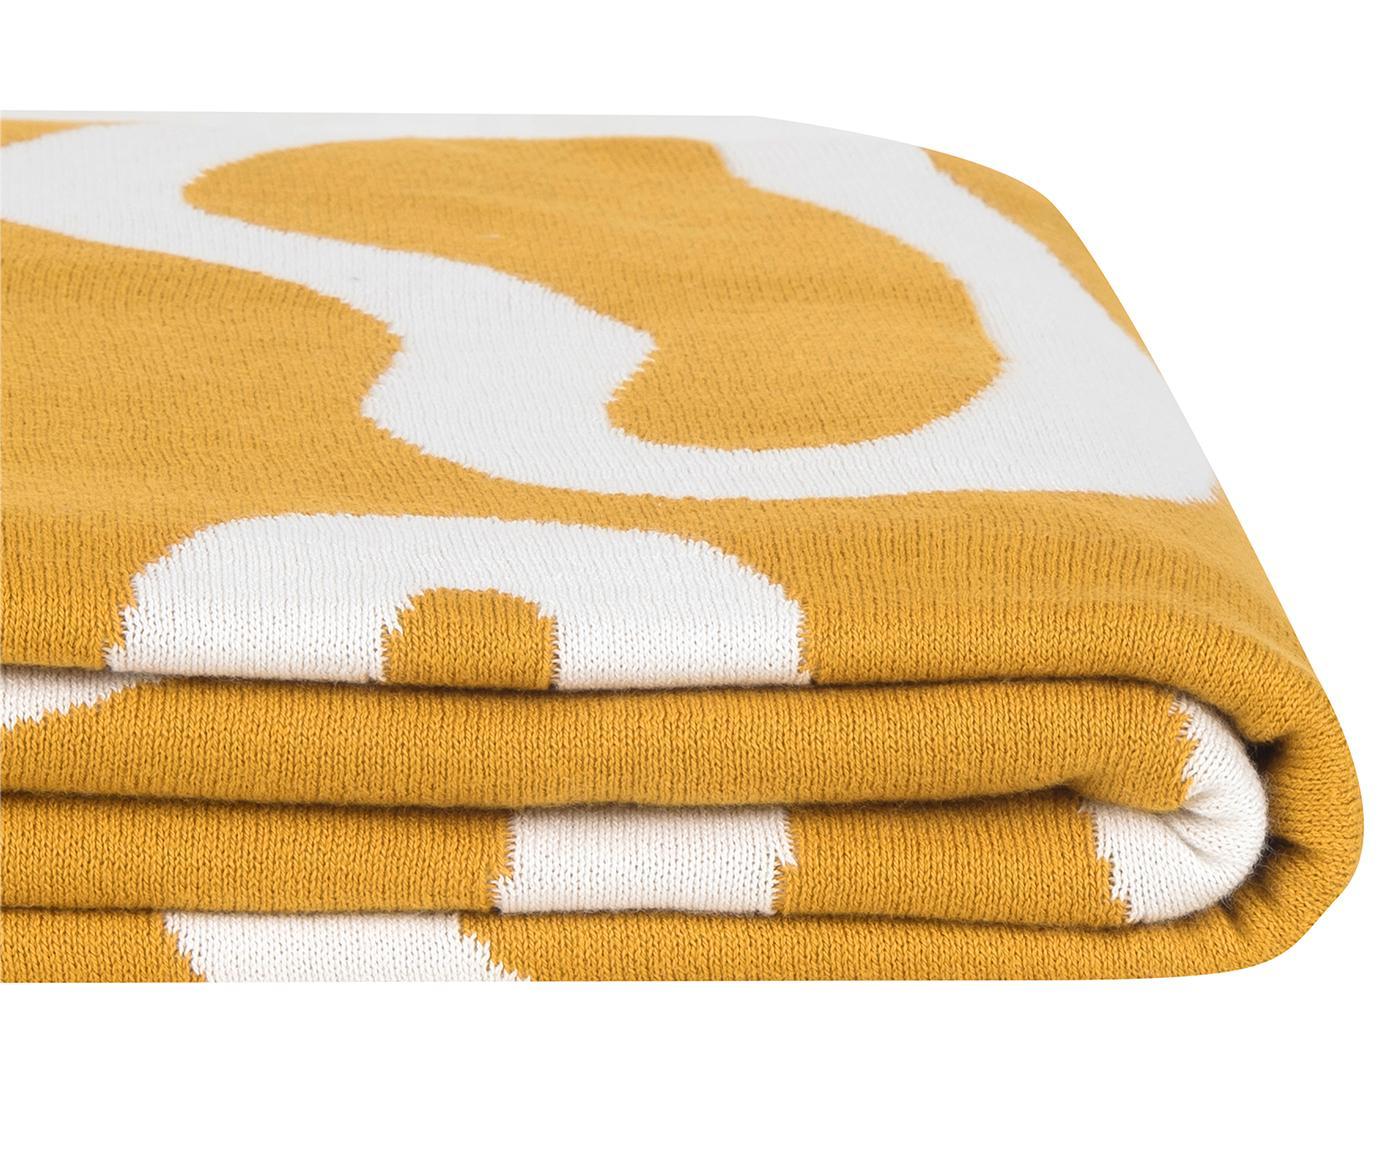 Dwustronny pled z cienkiej dzianiny Amina, Bawełna, Żółty/biały, S 150 x D 200 cm